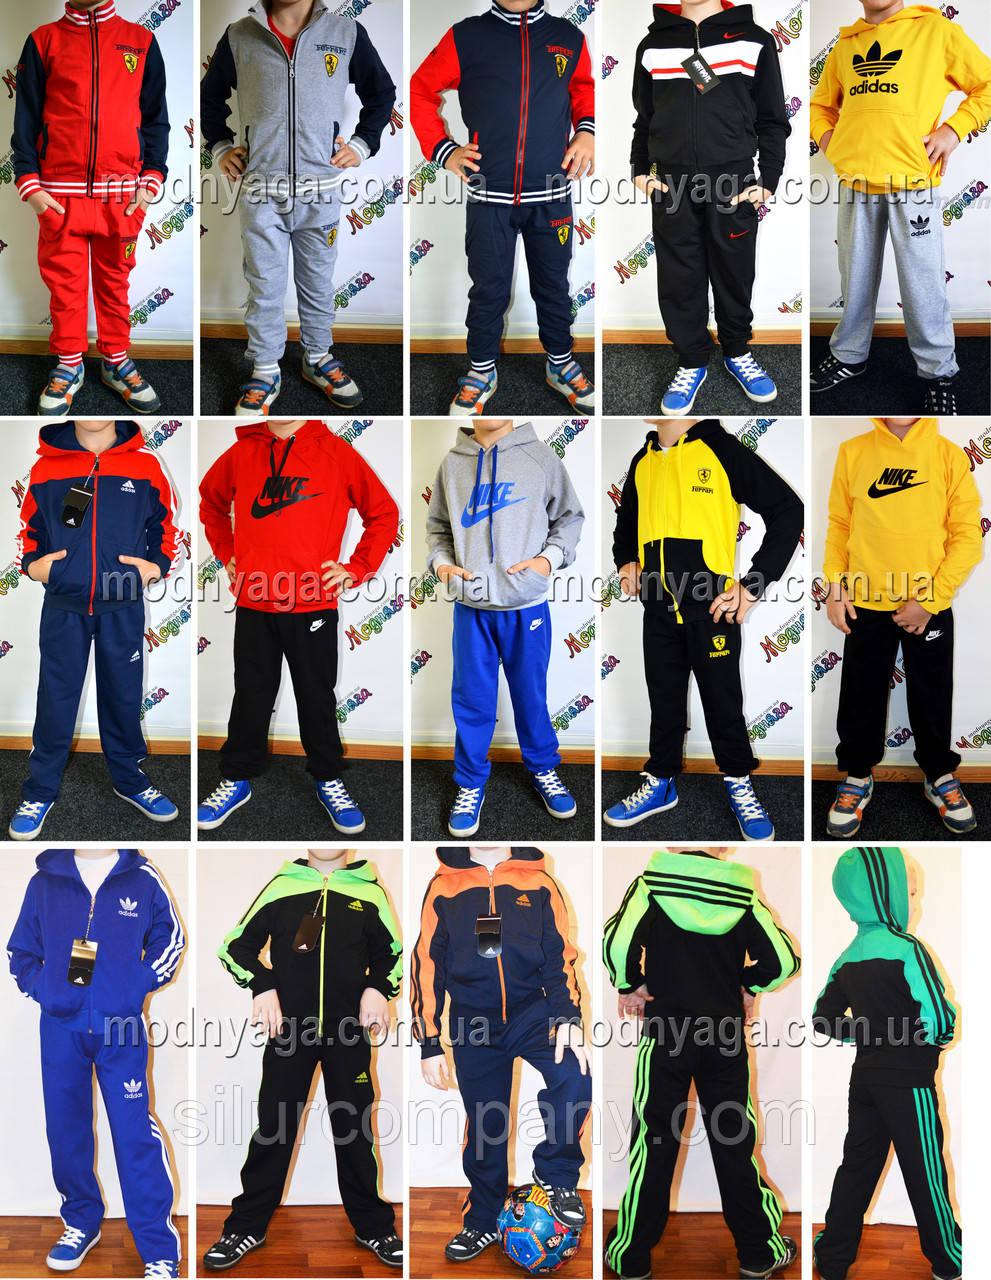 5b44bcff Детские спортивные костюмы Адидас, Феррари, Найк, Армани | Модная одежда  для детей -